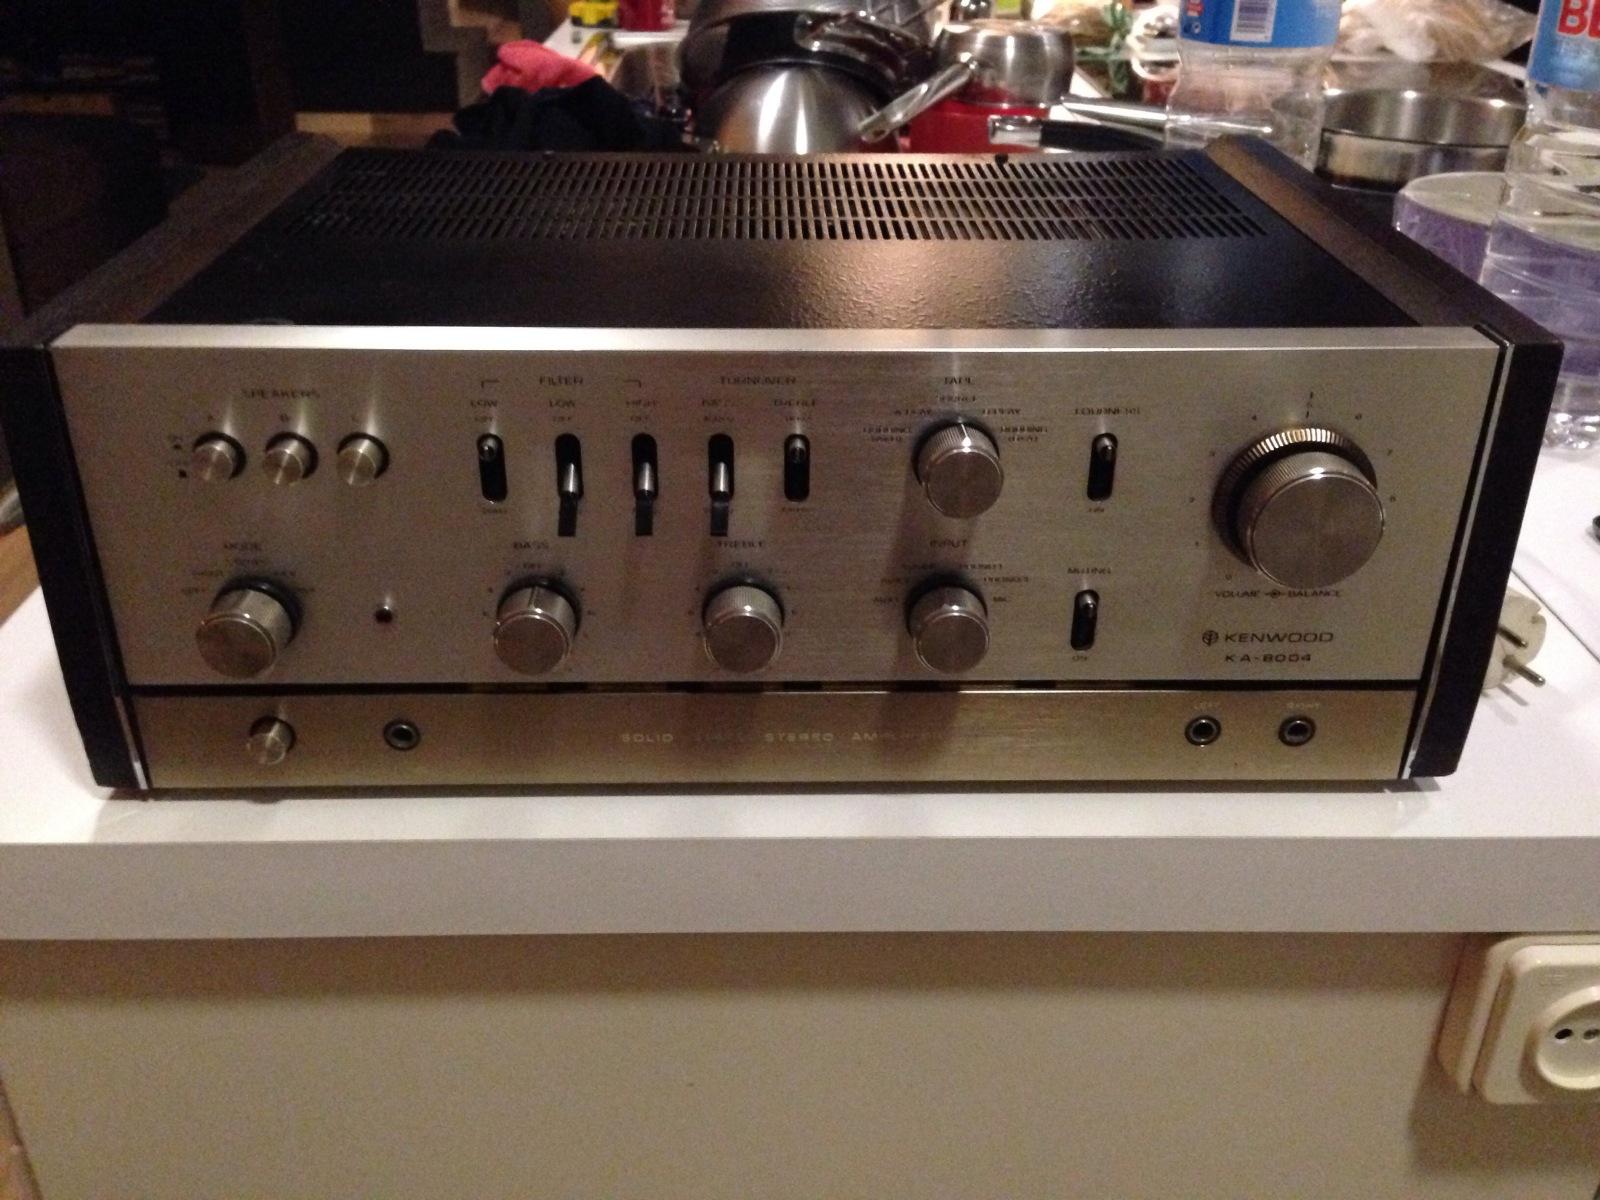 ¿Cual es vuestro amplificador vintage favorito? 11bp2jl